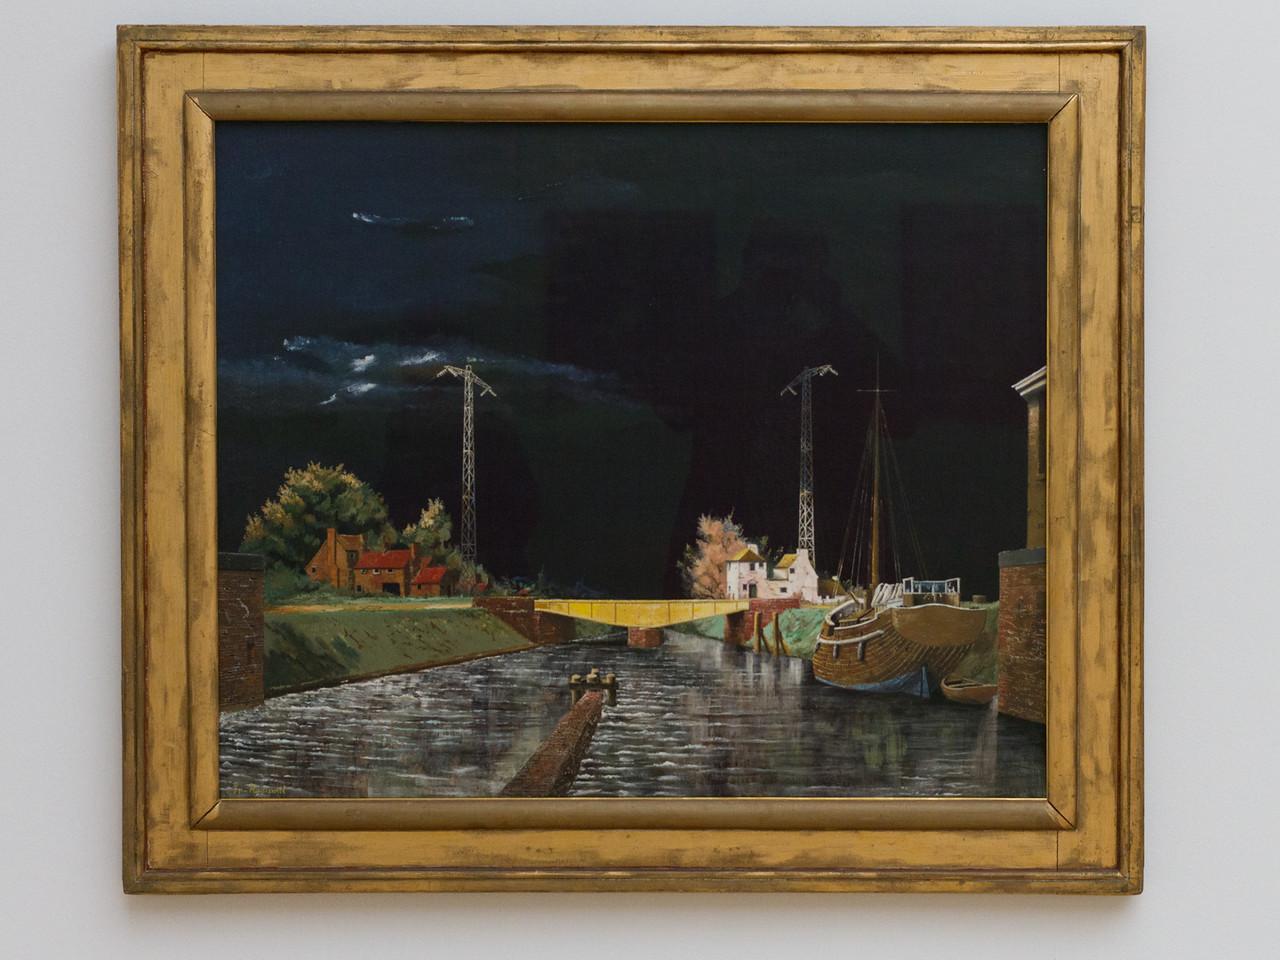 Franz Radziwill (1895-1983): Kanal mit gelber Brücke, 1928